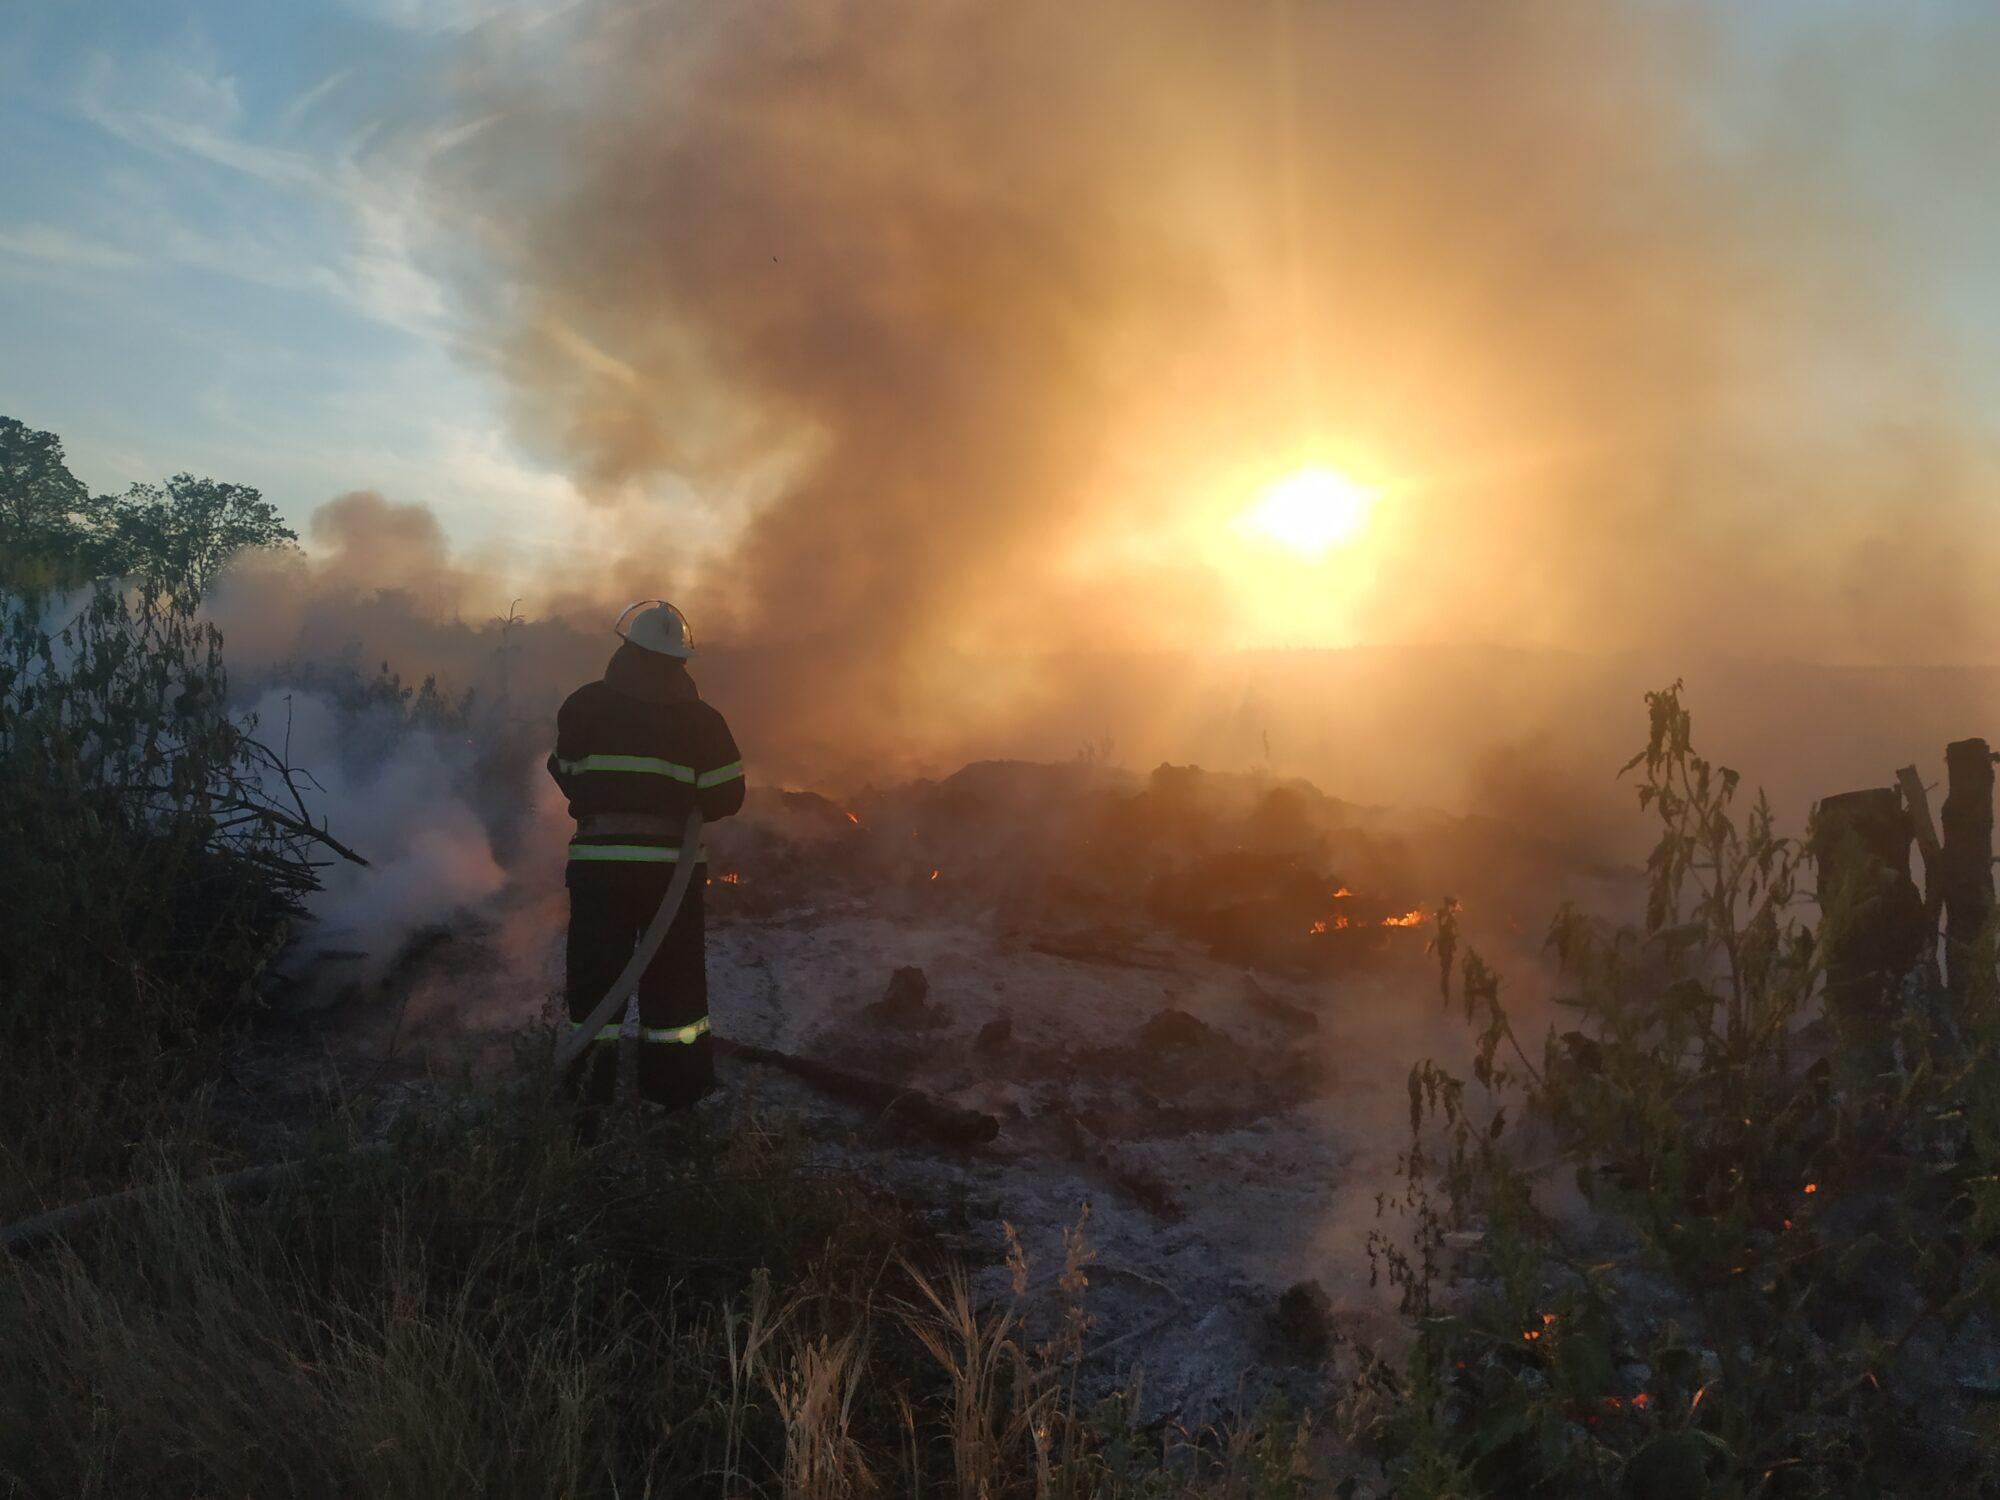 За вихідні на Київщині 35 разів горіла екосистема - пожежі в екосистемах, київщина, ГУ ДСНС у Київськійобласті - IMG 20200815 193547 2000x1500